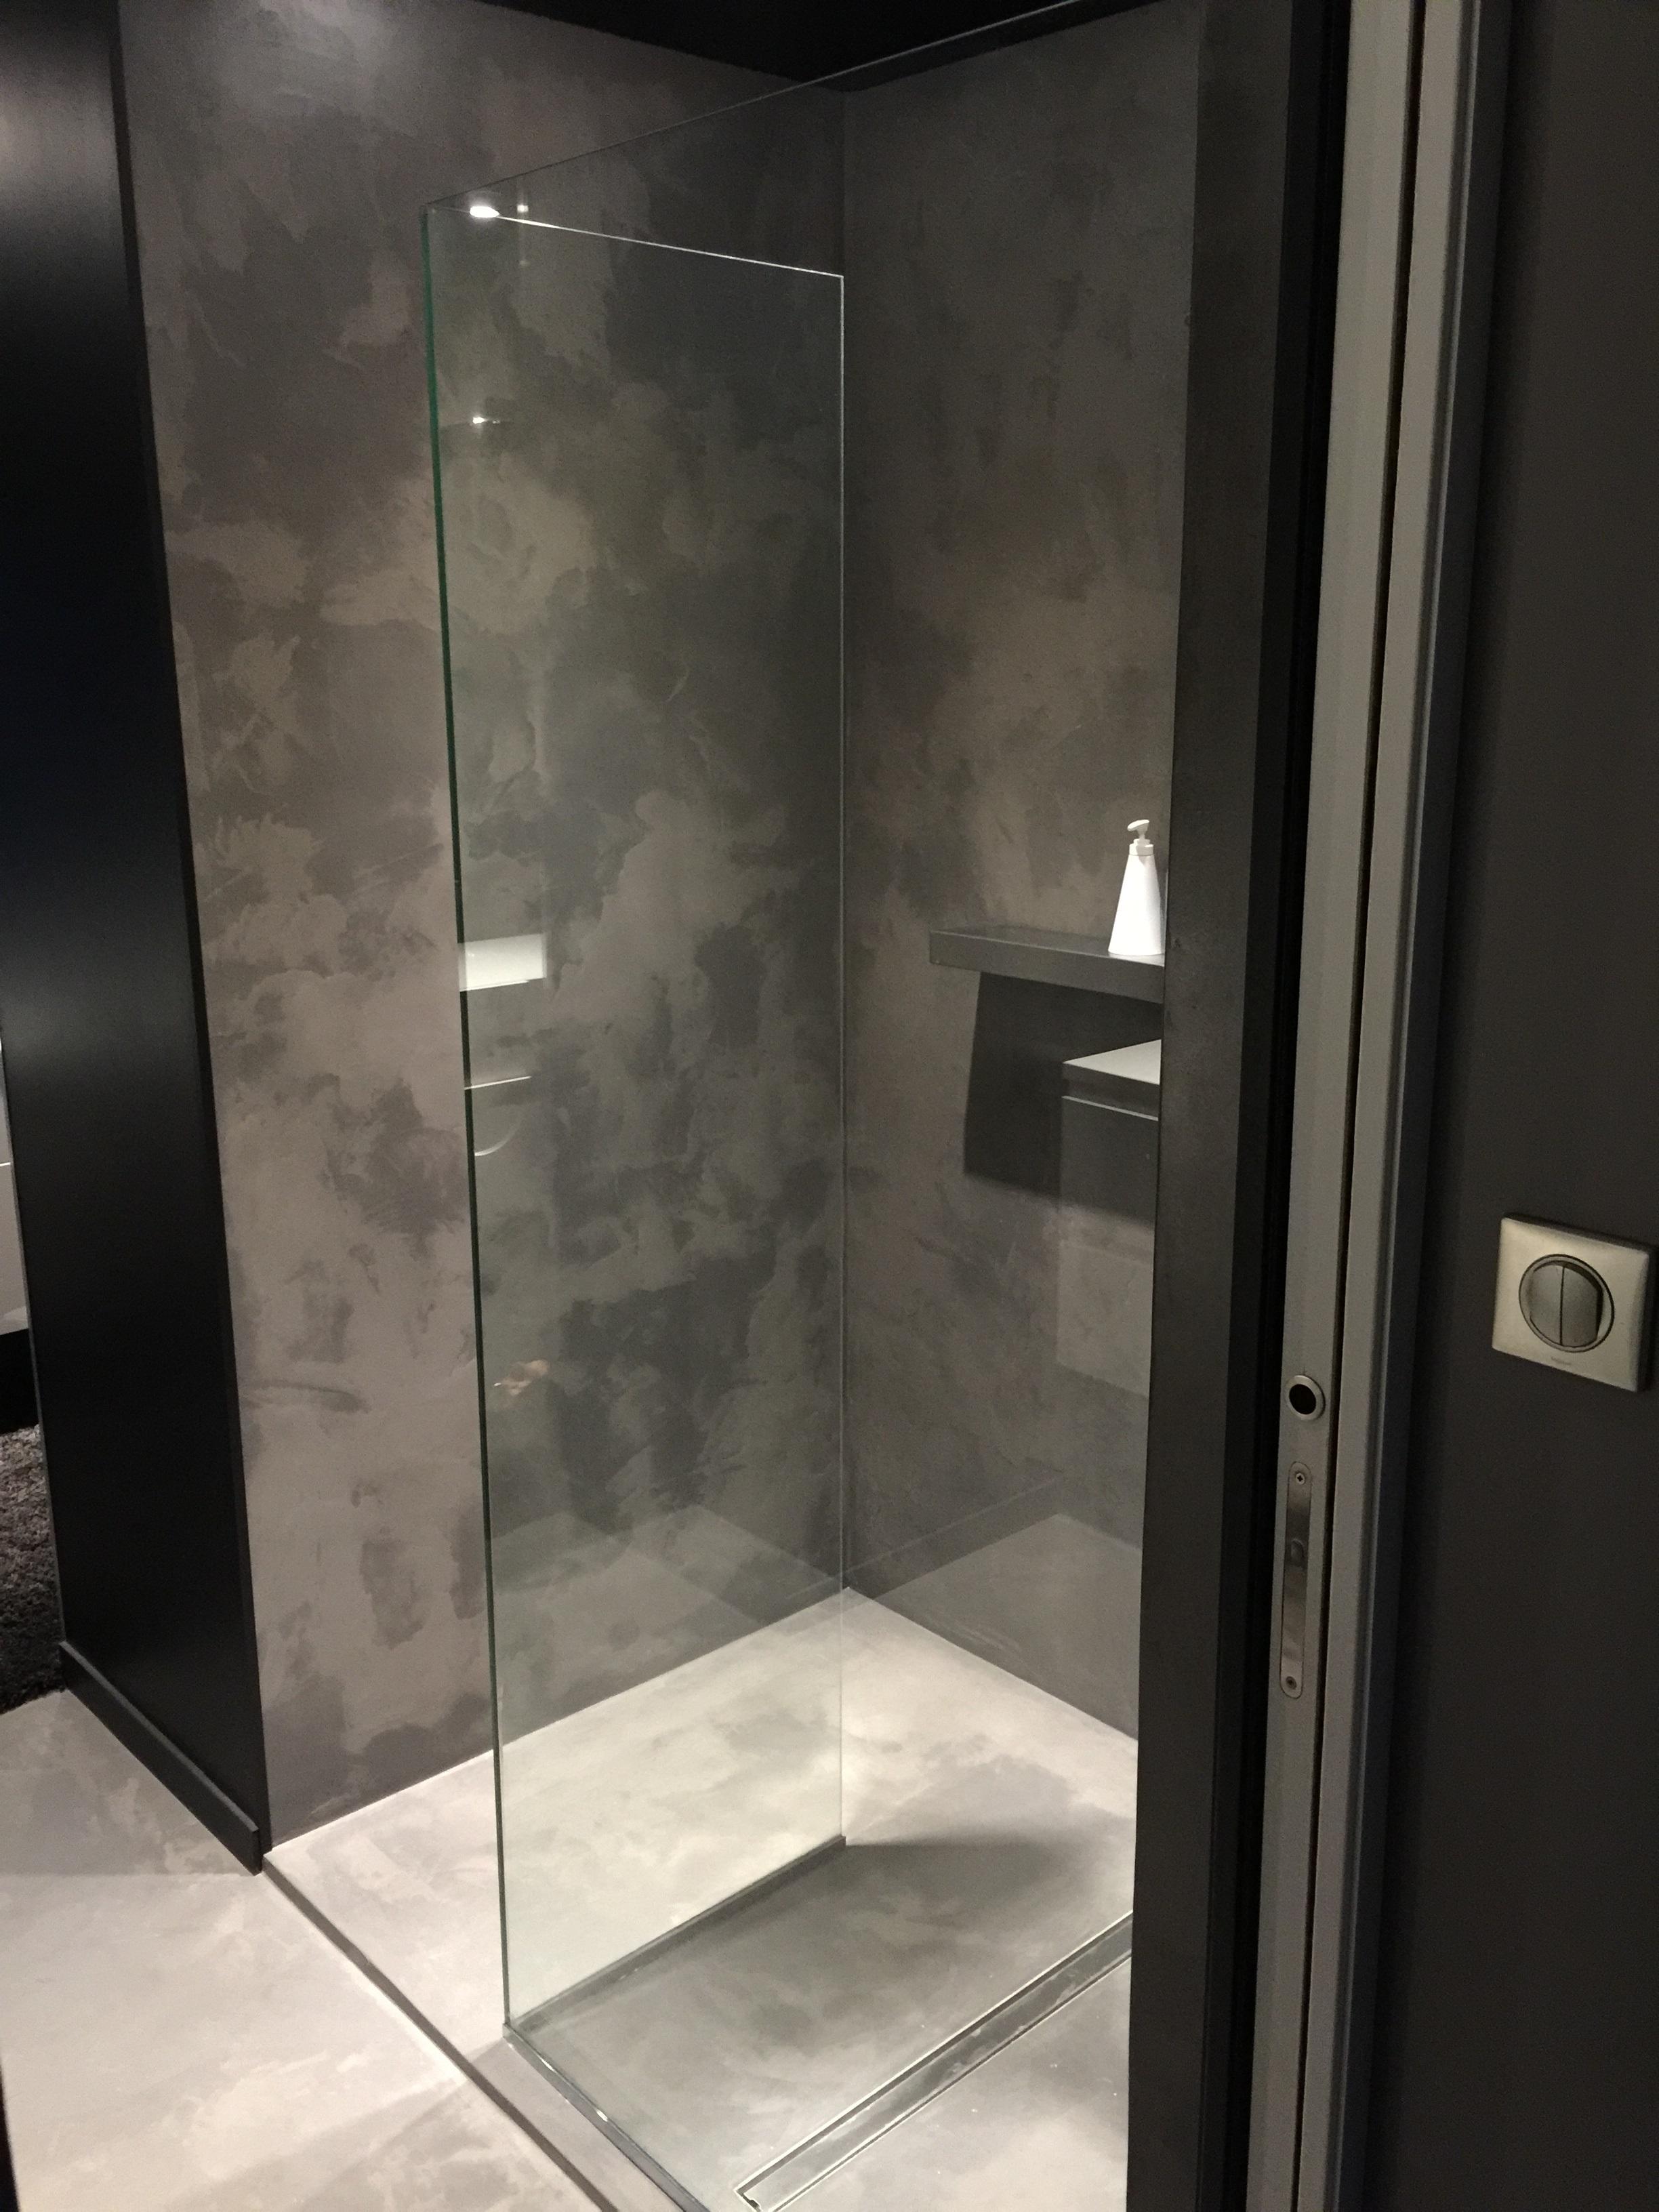 Paroi de douche sur revêtement en béton ciré